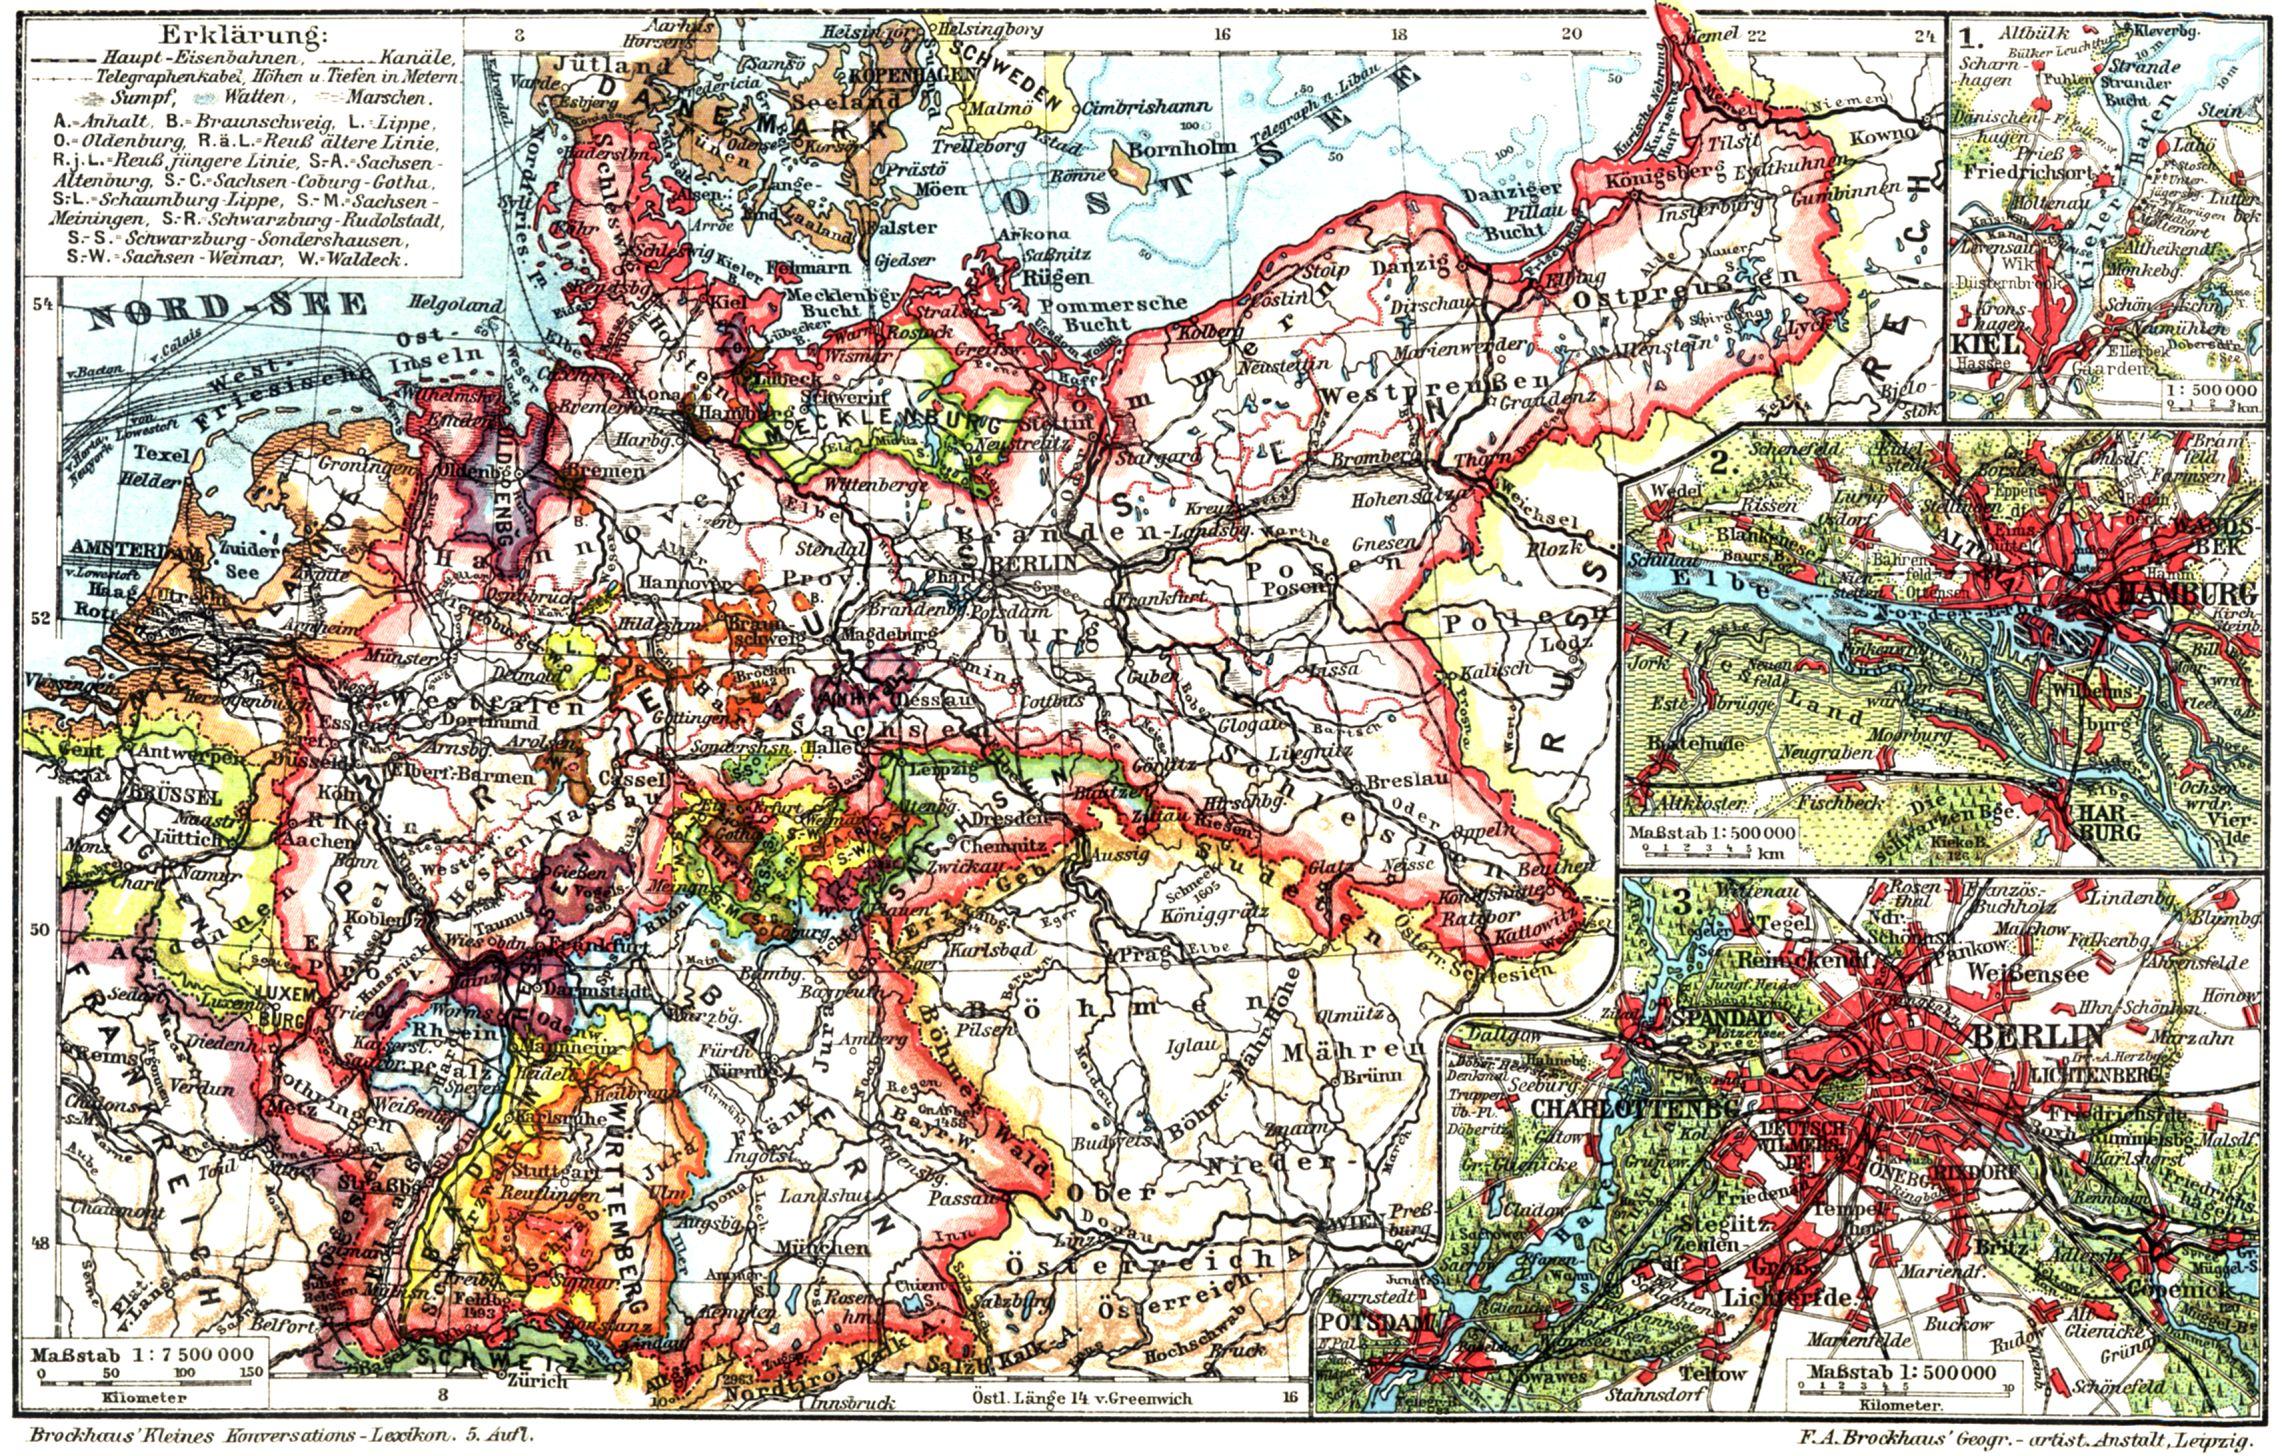 Deutsches Reich Karte.Deutsches Reich I Karten Zeno Org